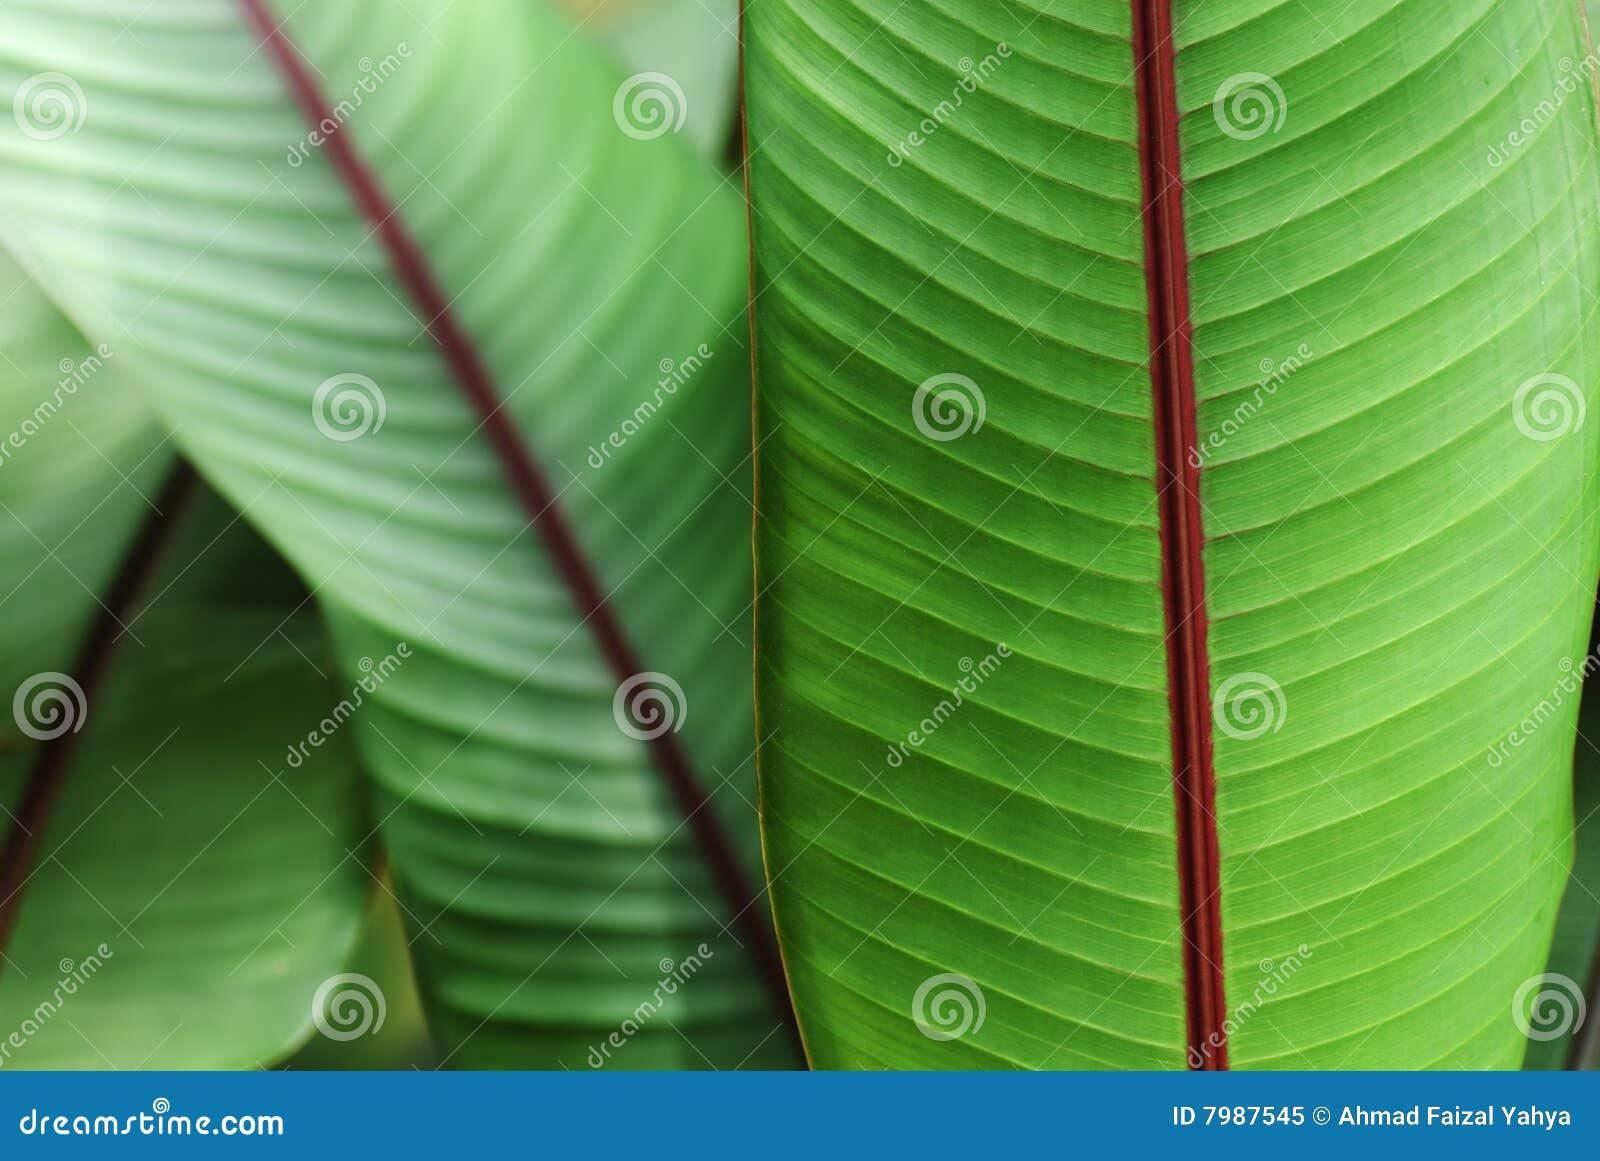 Banane de sang de plante ornementale photo libre de droits for Plante ornementale